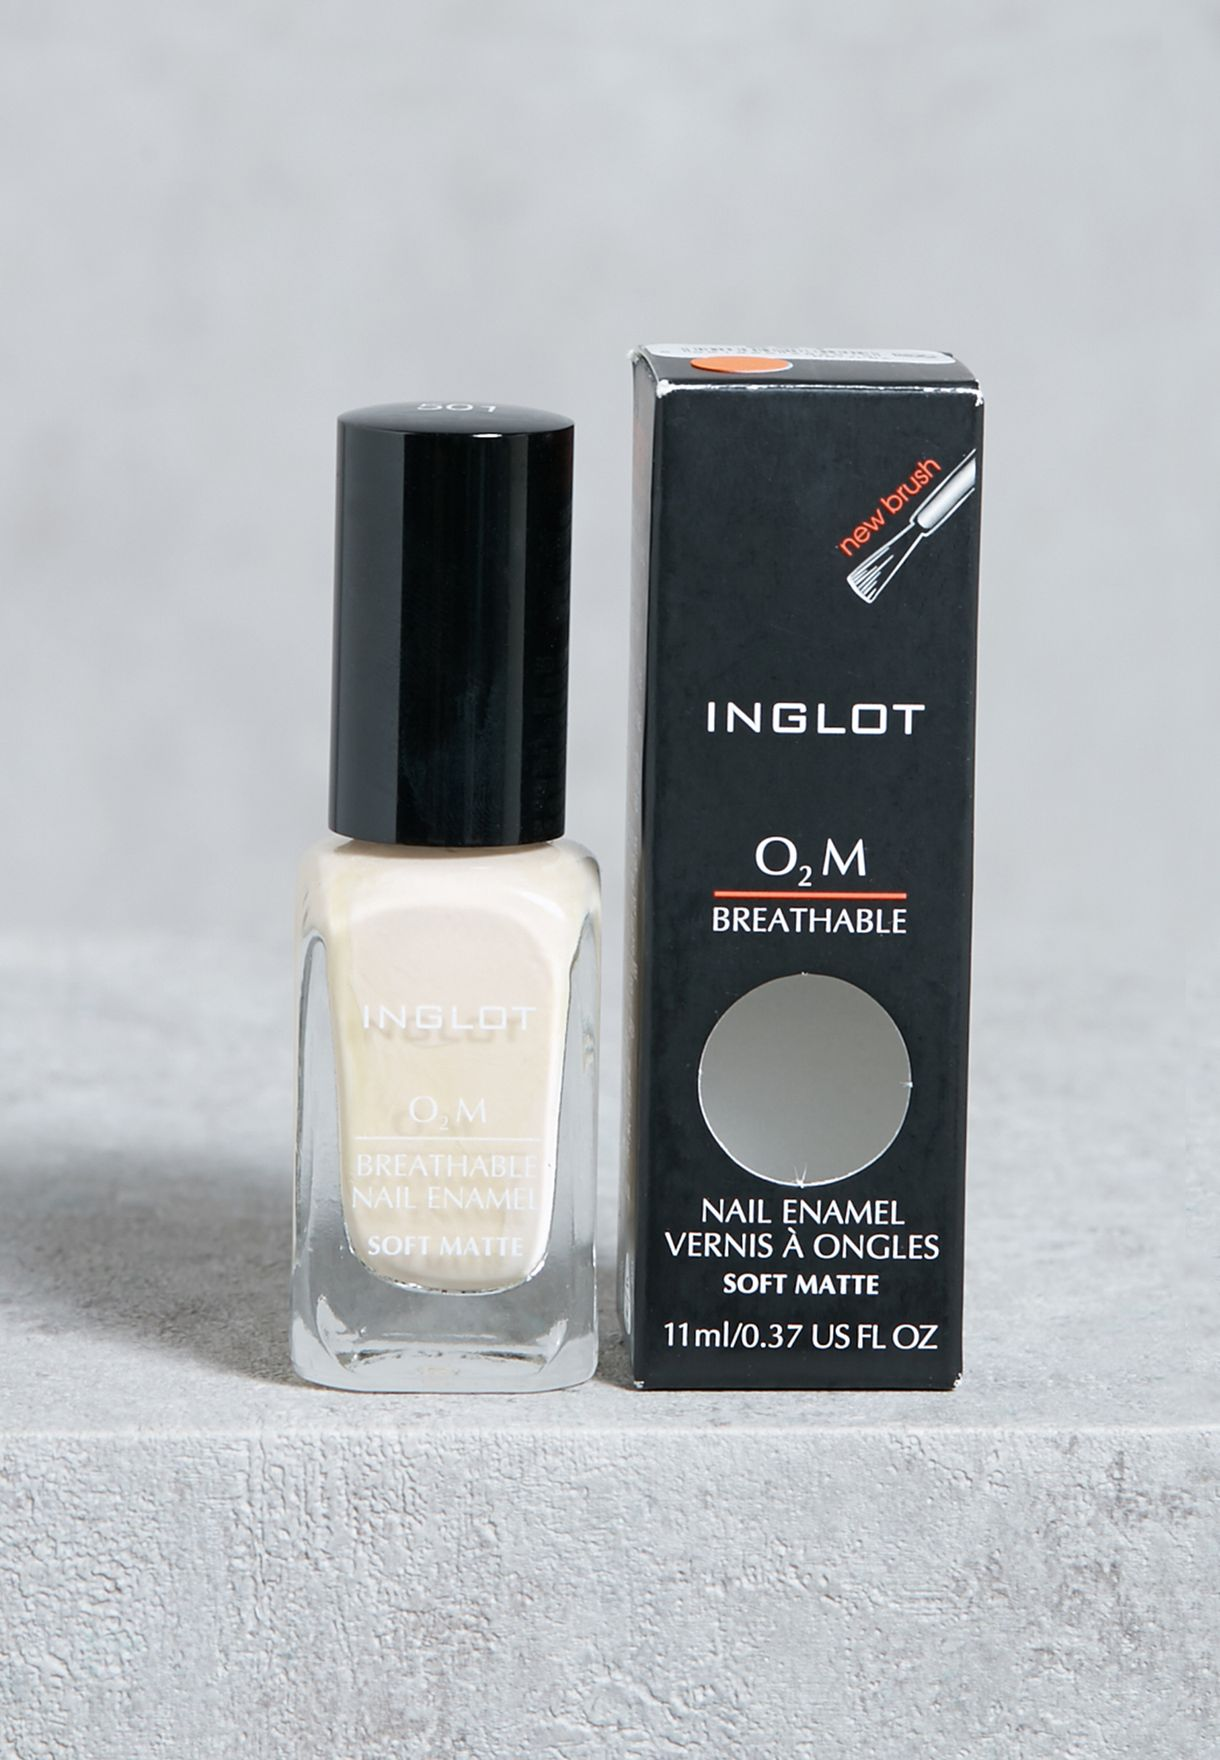 O2M Breathable Nail Enamel Soft Matte #501